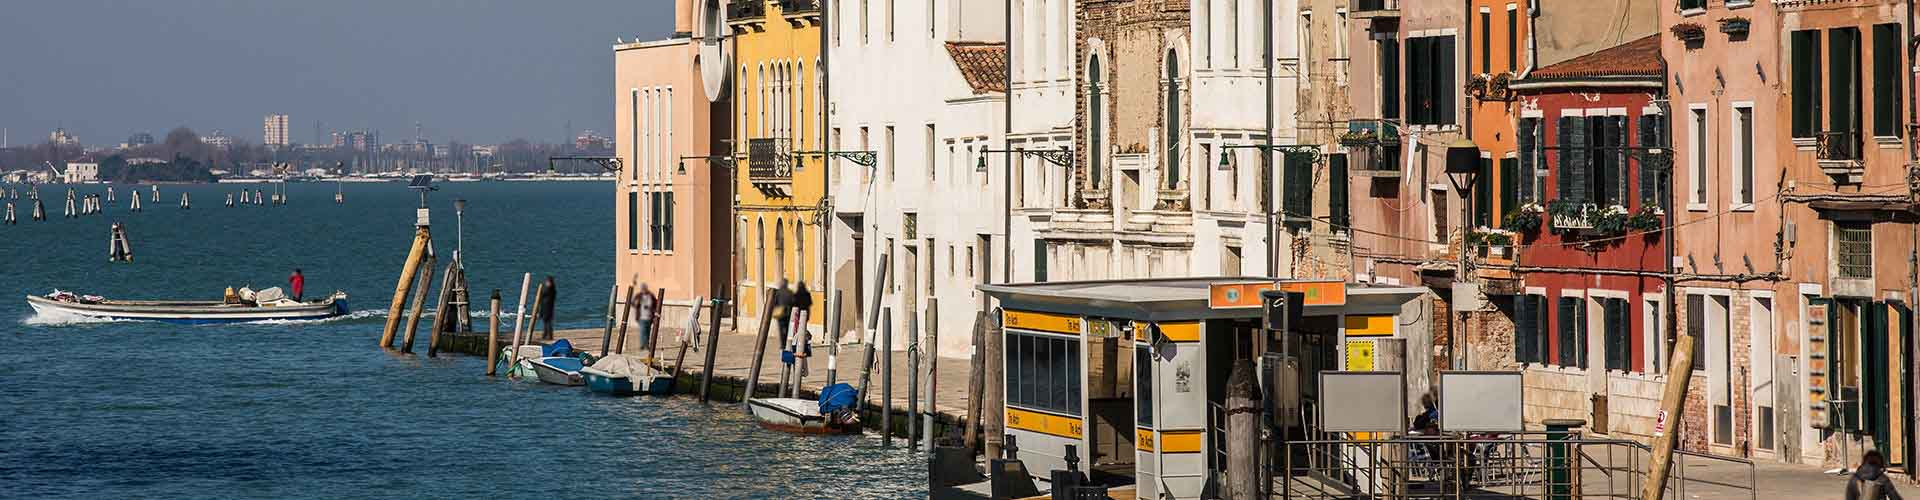 Venise - Auberges de jeunesse dans le quartier de Sestiere Cannaregio. Cartes pour Venise, photos et commentaires pour chaque auberge de jeunesse à Venise.